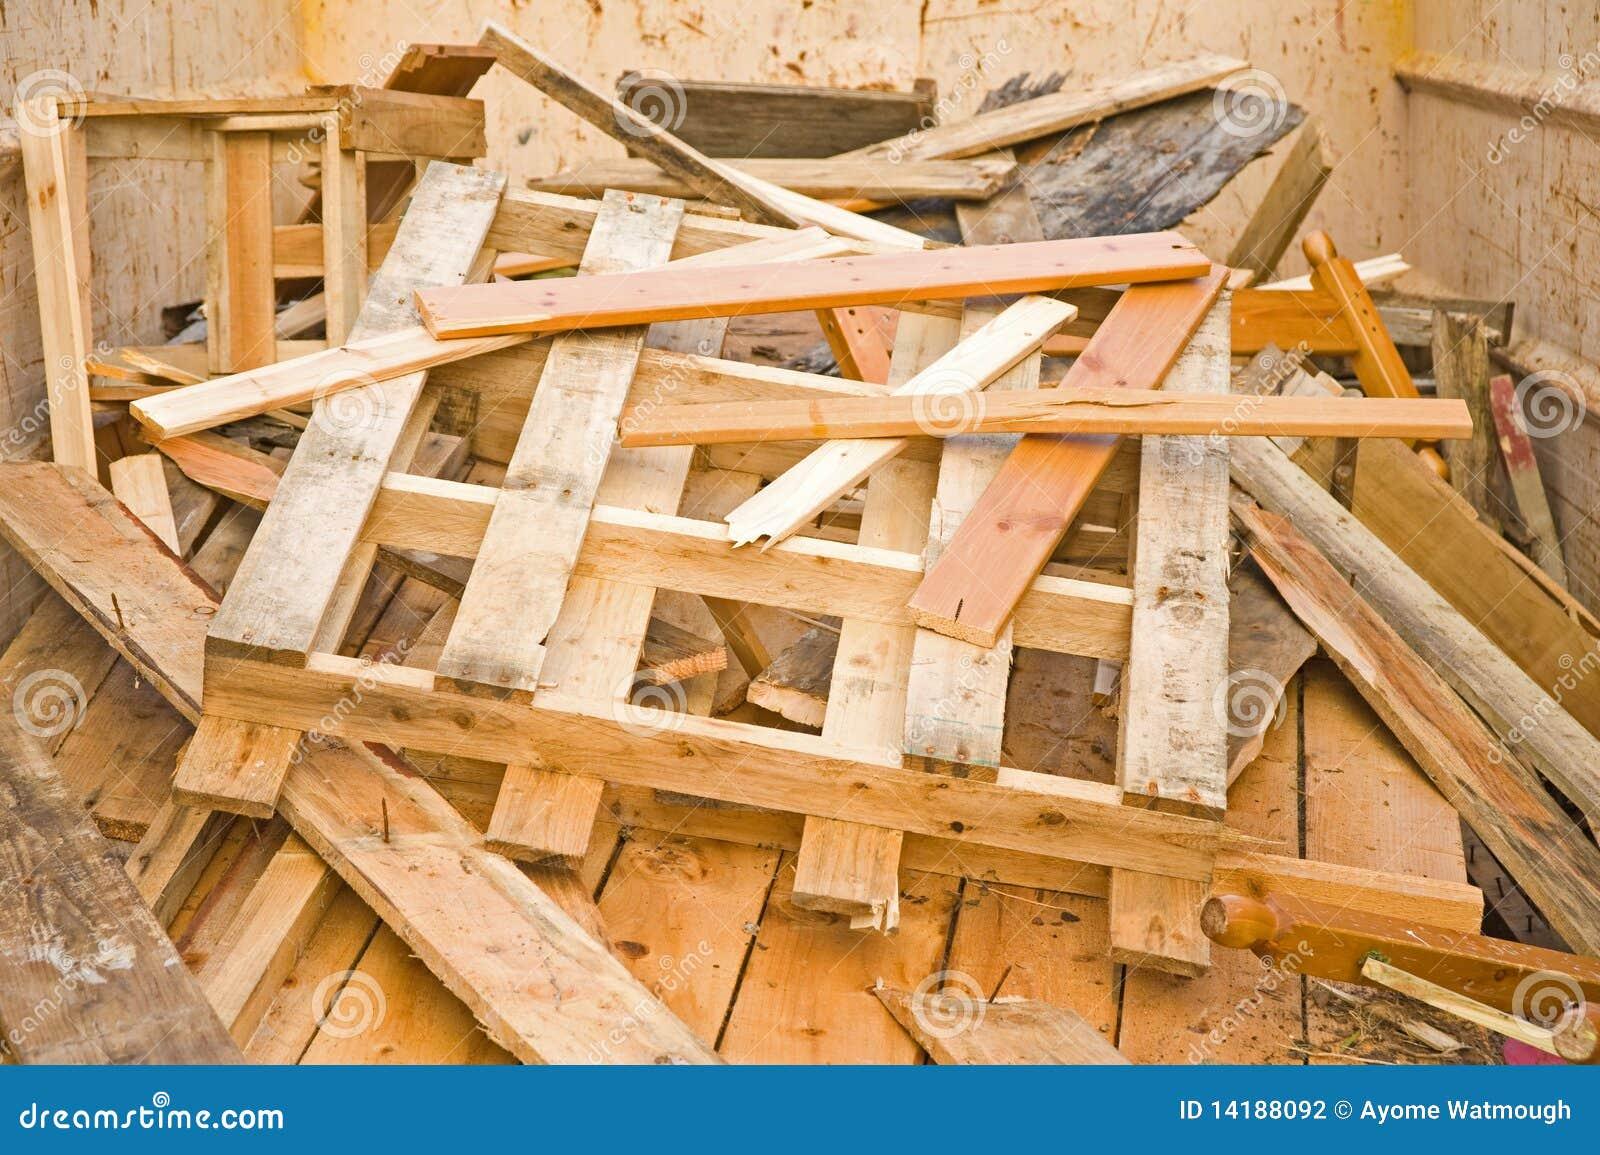 qu usos se le puede dar a la madera